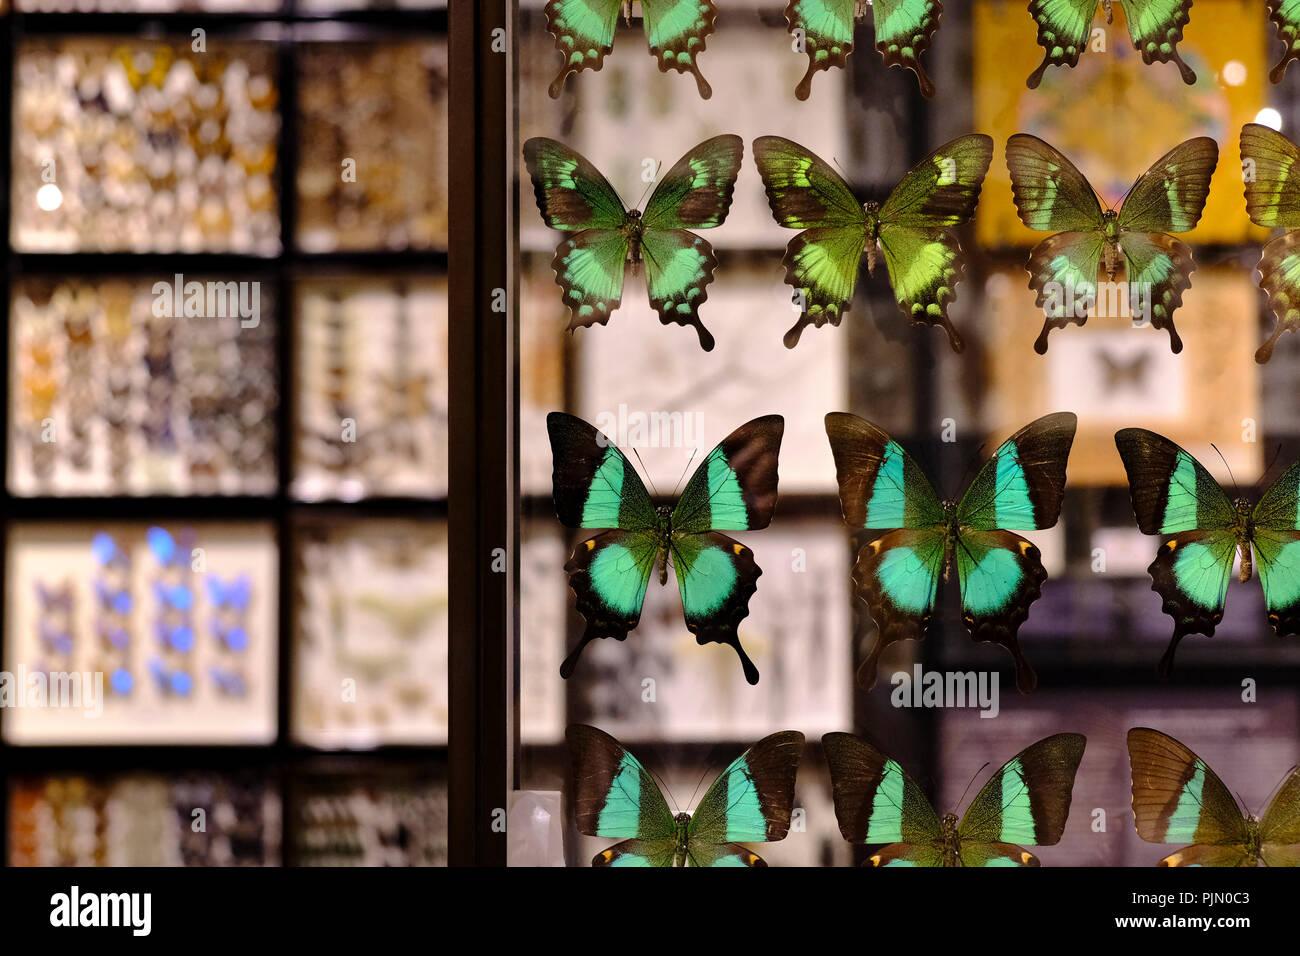 Framed Butterflies Imágenes De Stock & Framed Butterflies Fotos De ...